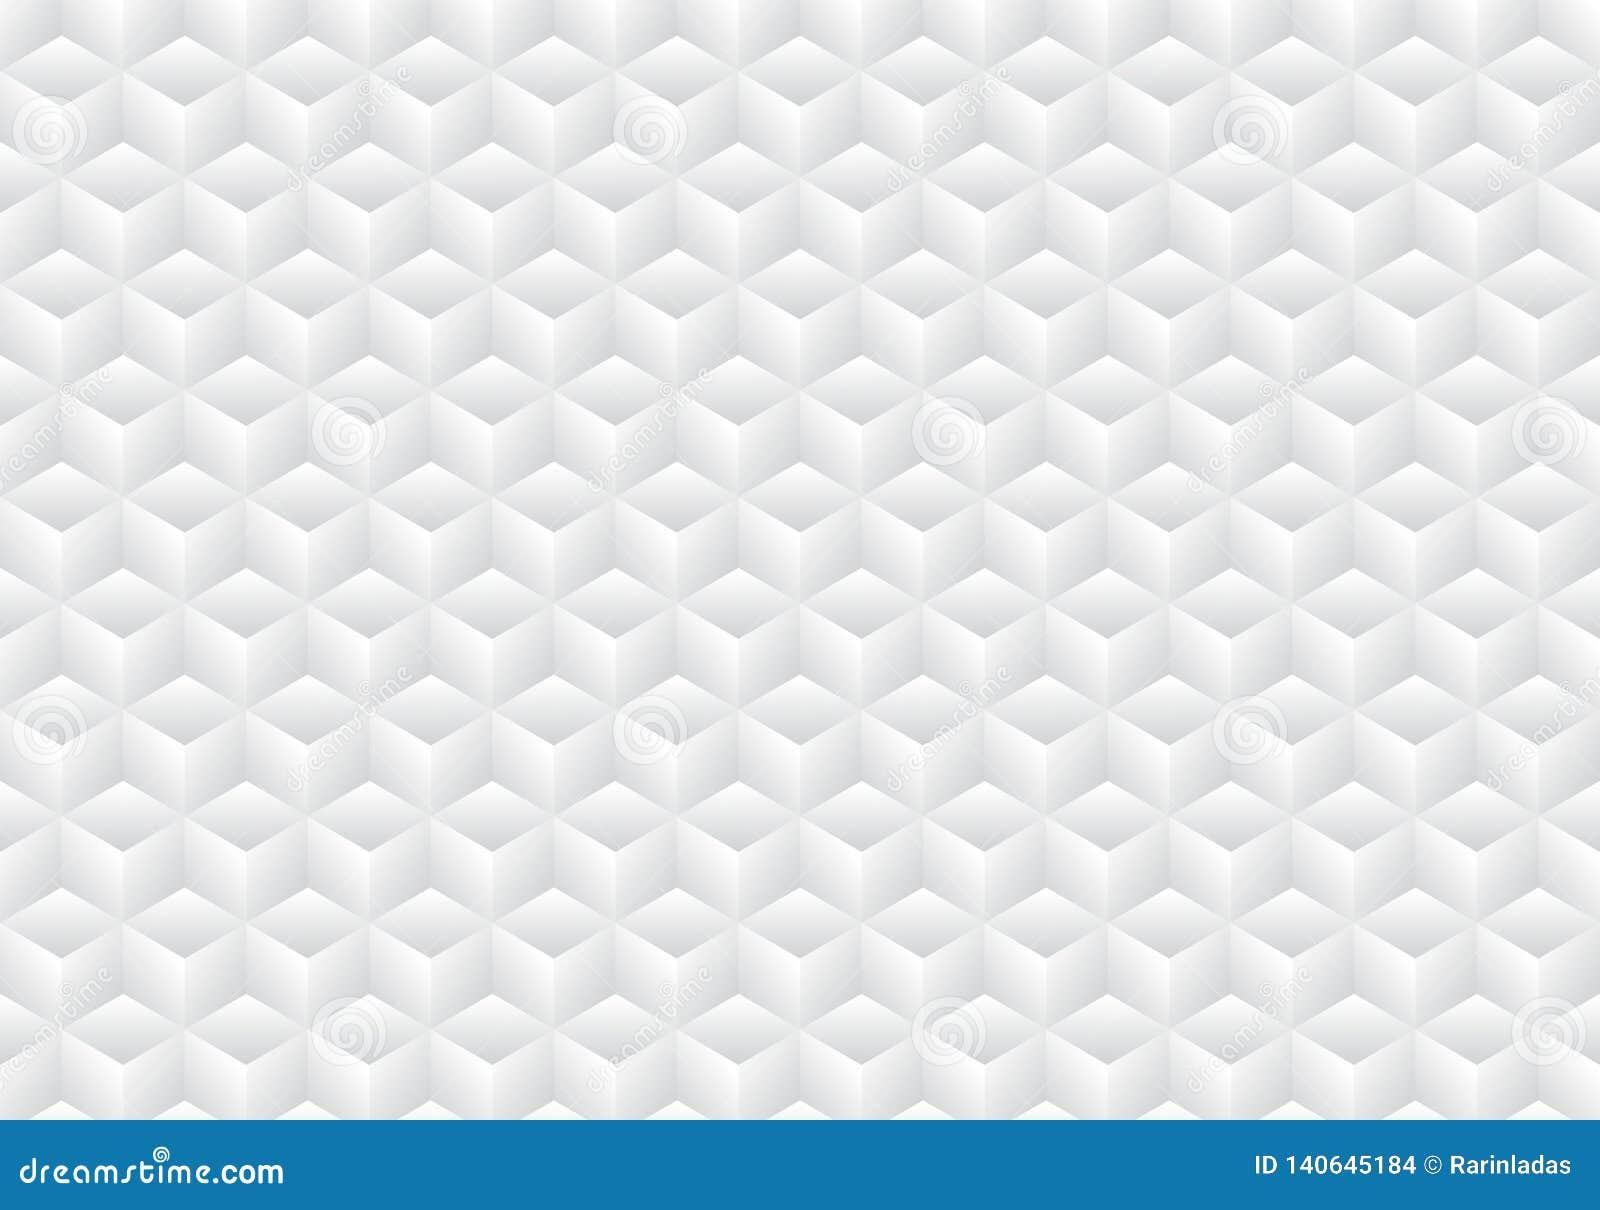 3D realistische geometrische kleur van de symmetrie witte en grijze gradiënt kubeert patroonachtergrond en textuur